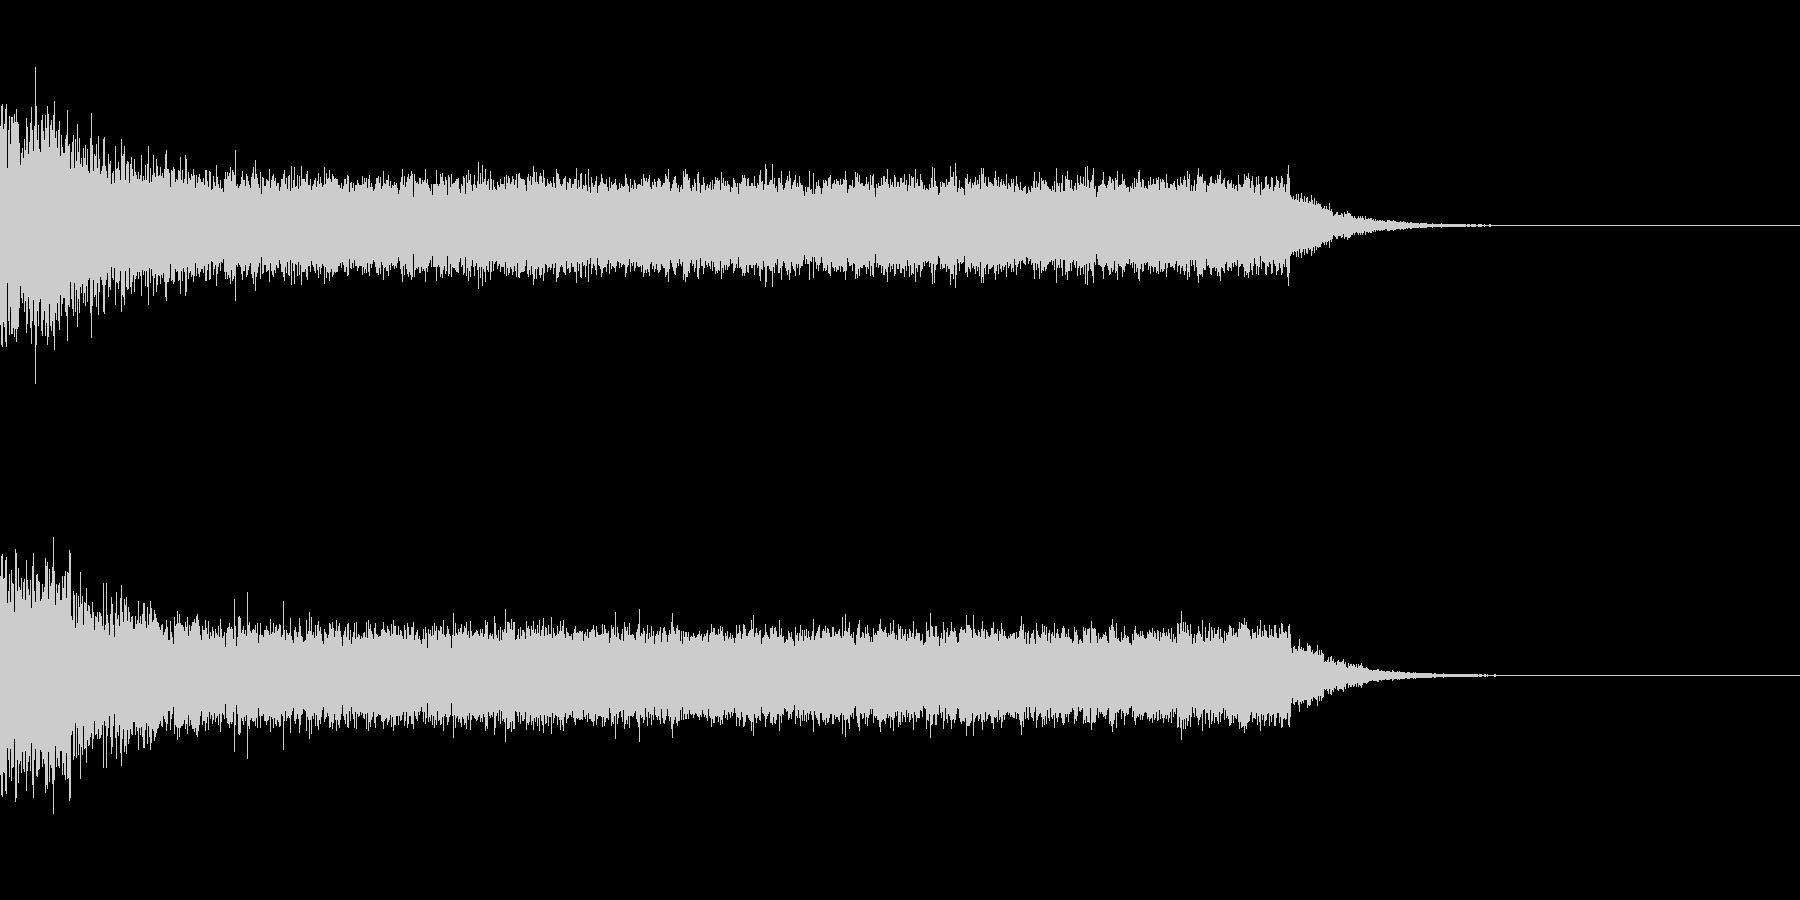 戦闘機が発進する時の音の未再生の波形